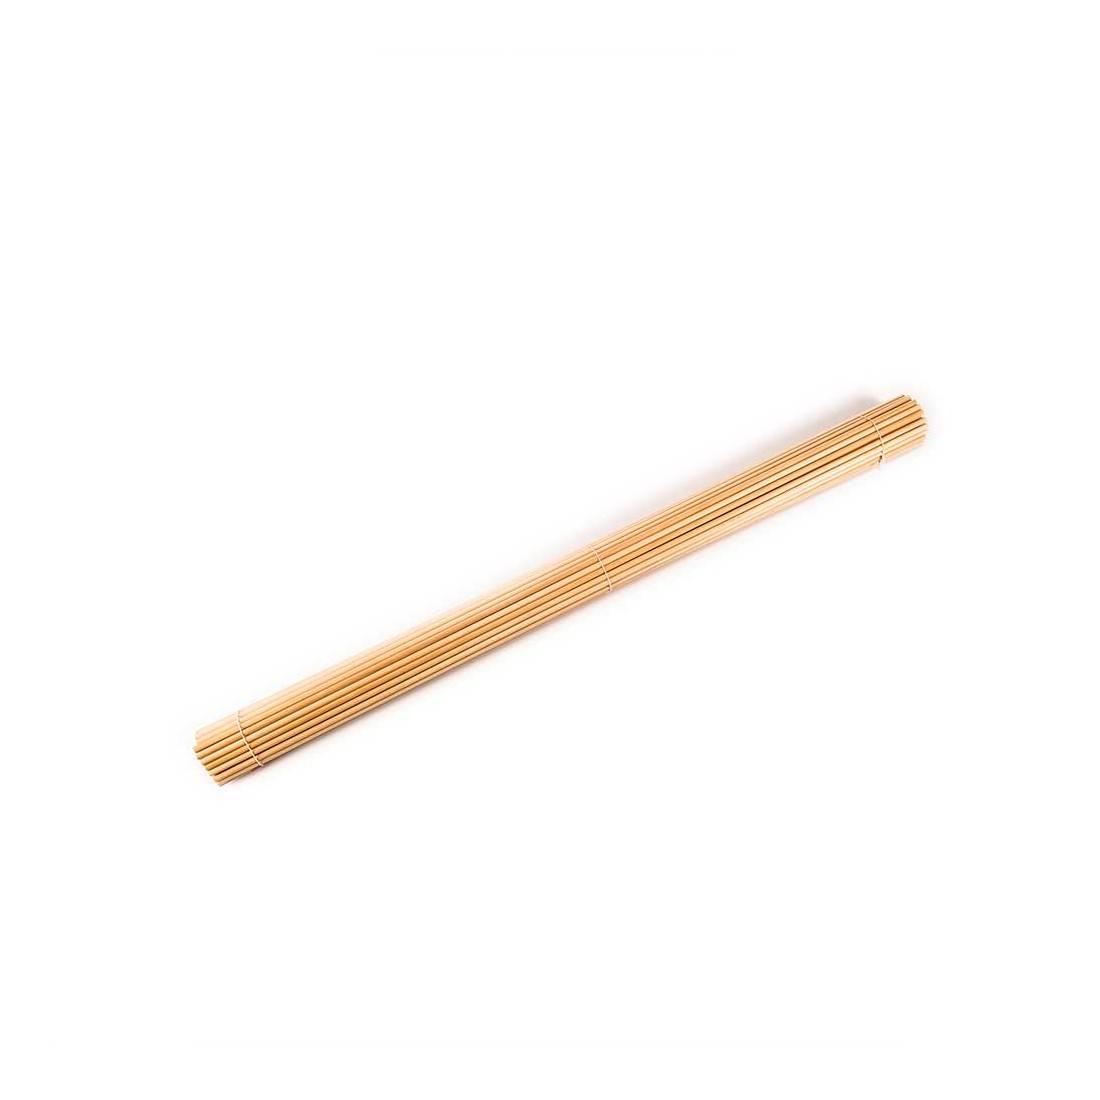 Tacos de madera de diám.mm 12